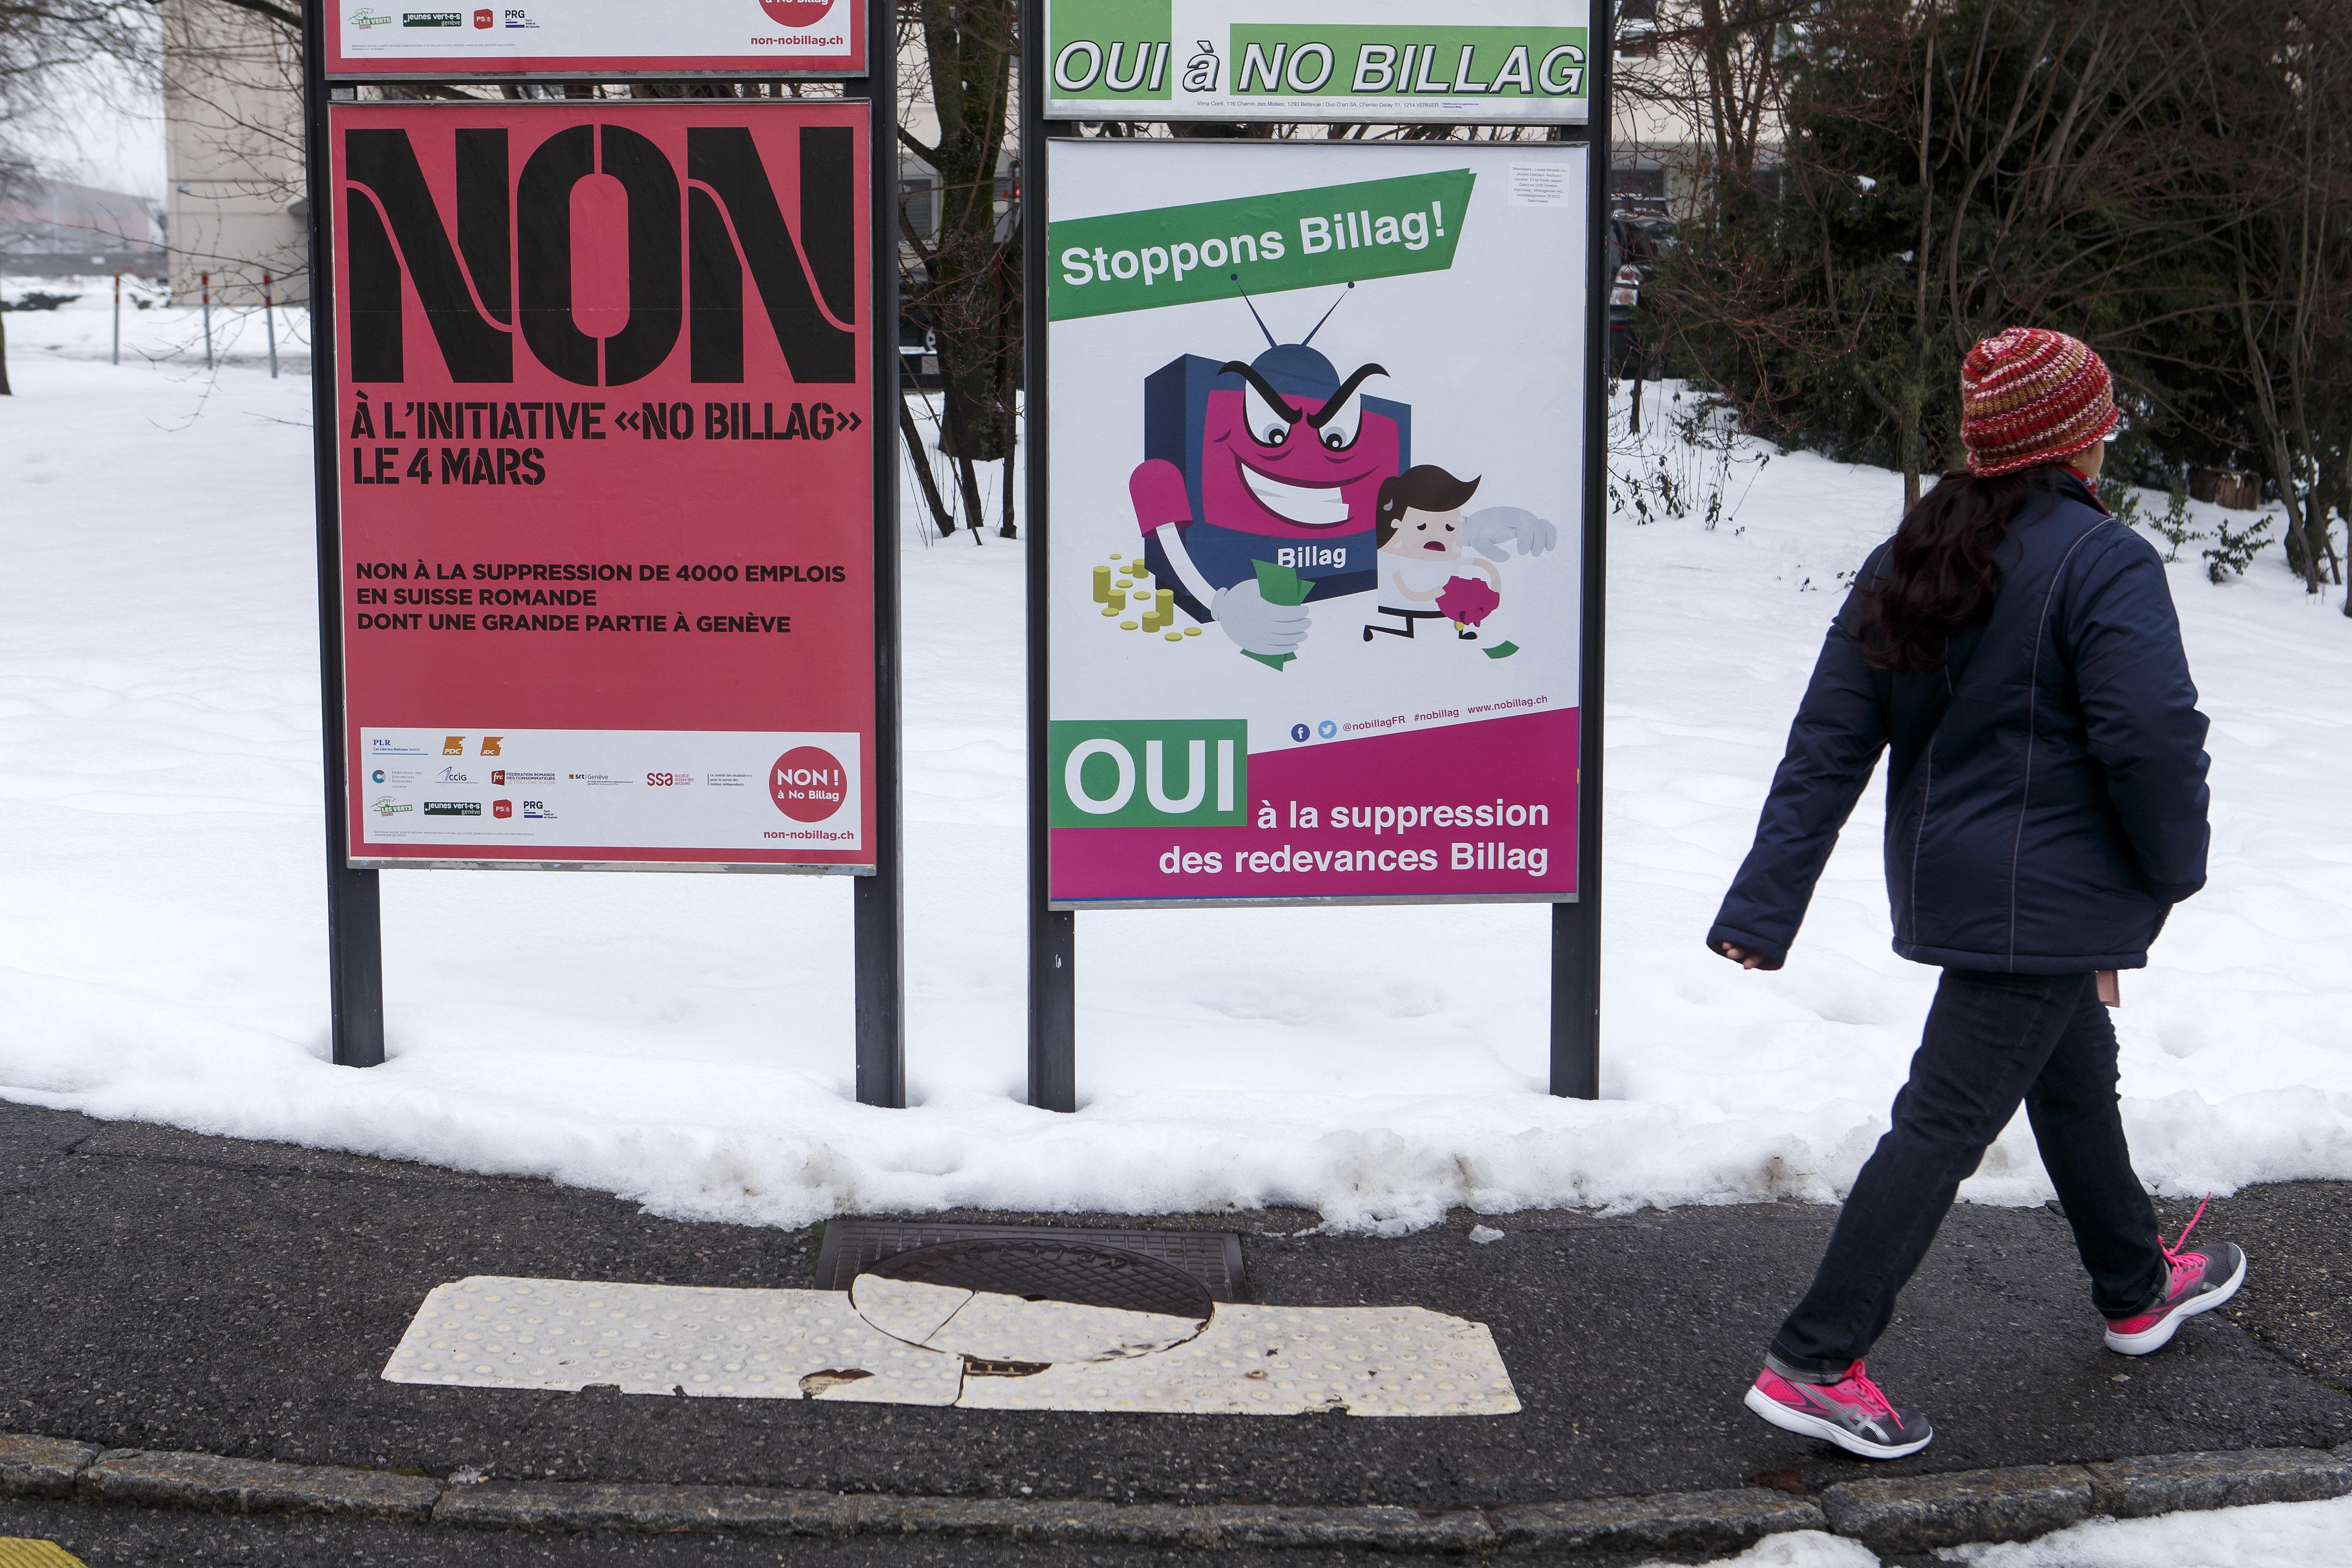 Abschaffung der Schweizer Rundfunkgebühr ist krachend gescheitert